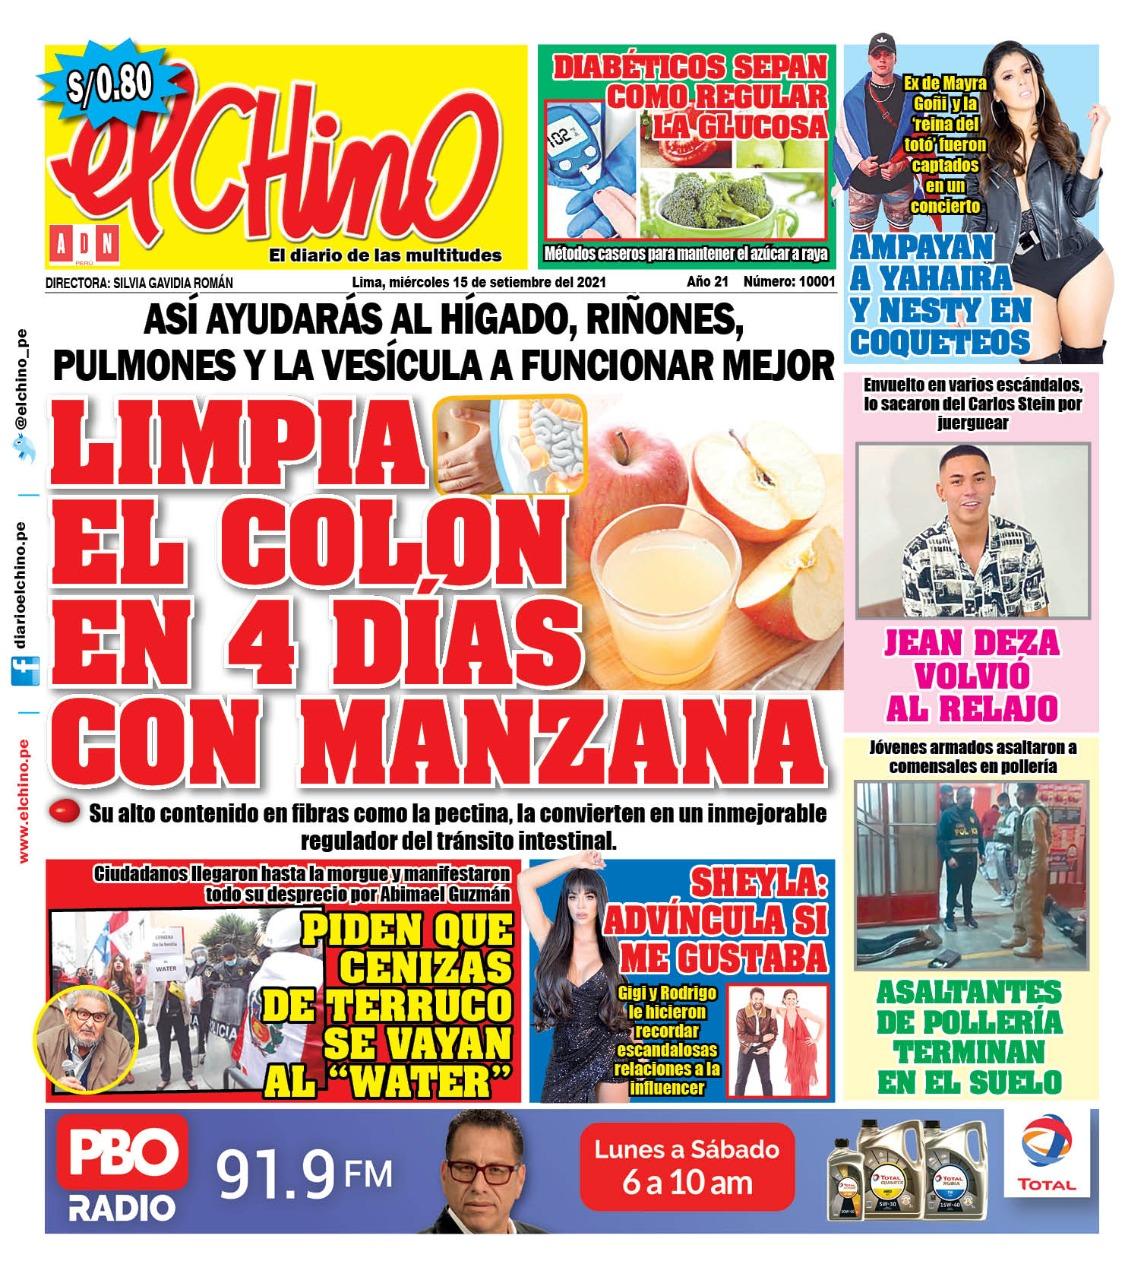 Portada impresa – Diario El Chino (15/09/2021)